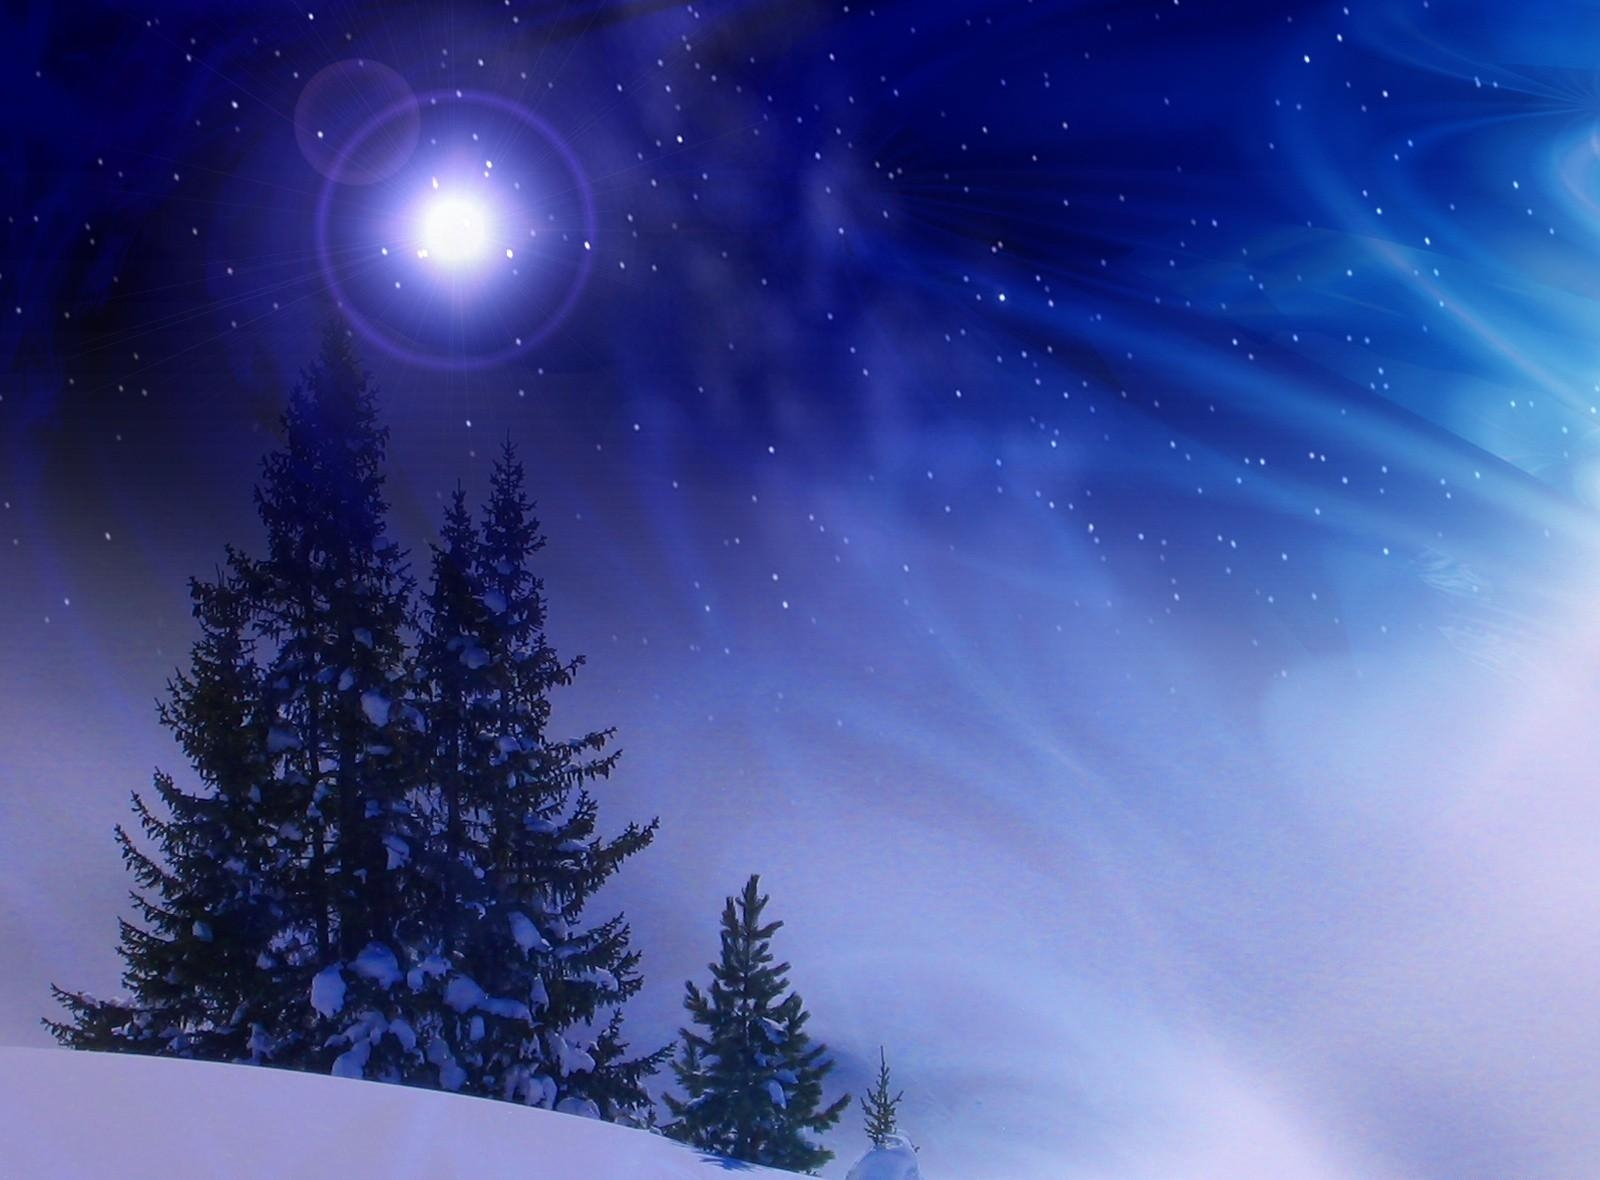 142390 скачать обои Праздники, Снег, Зима, Полночь, Метель, Елки - заставки и картинки бесплатно